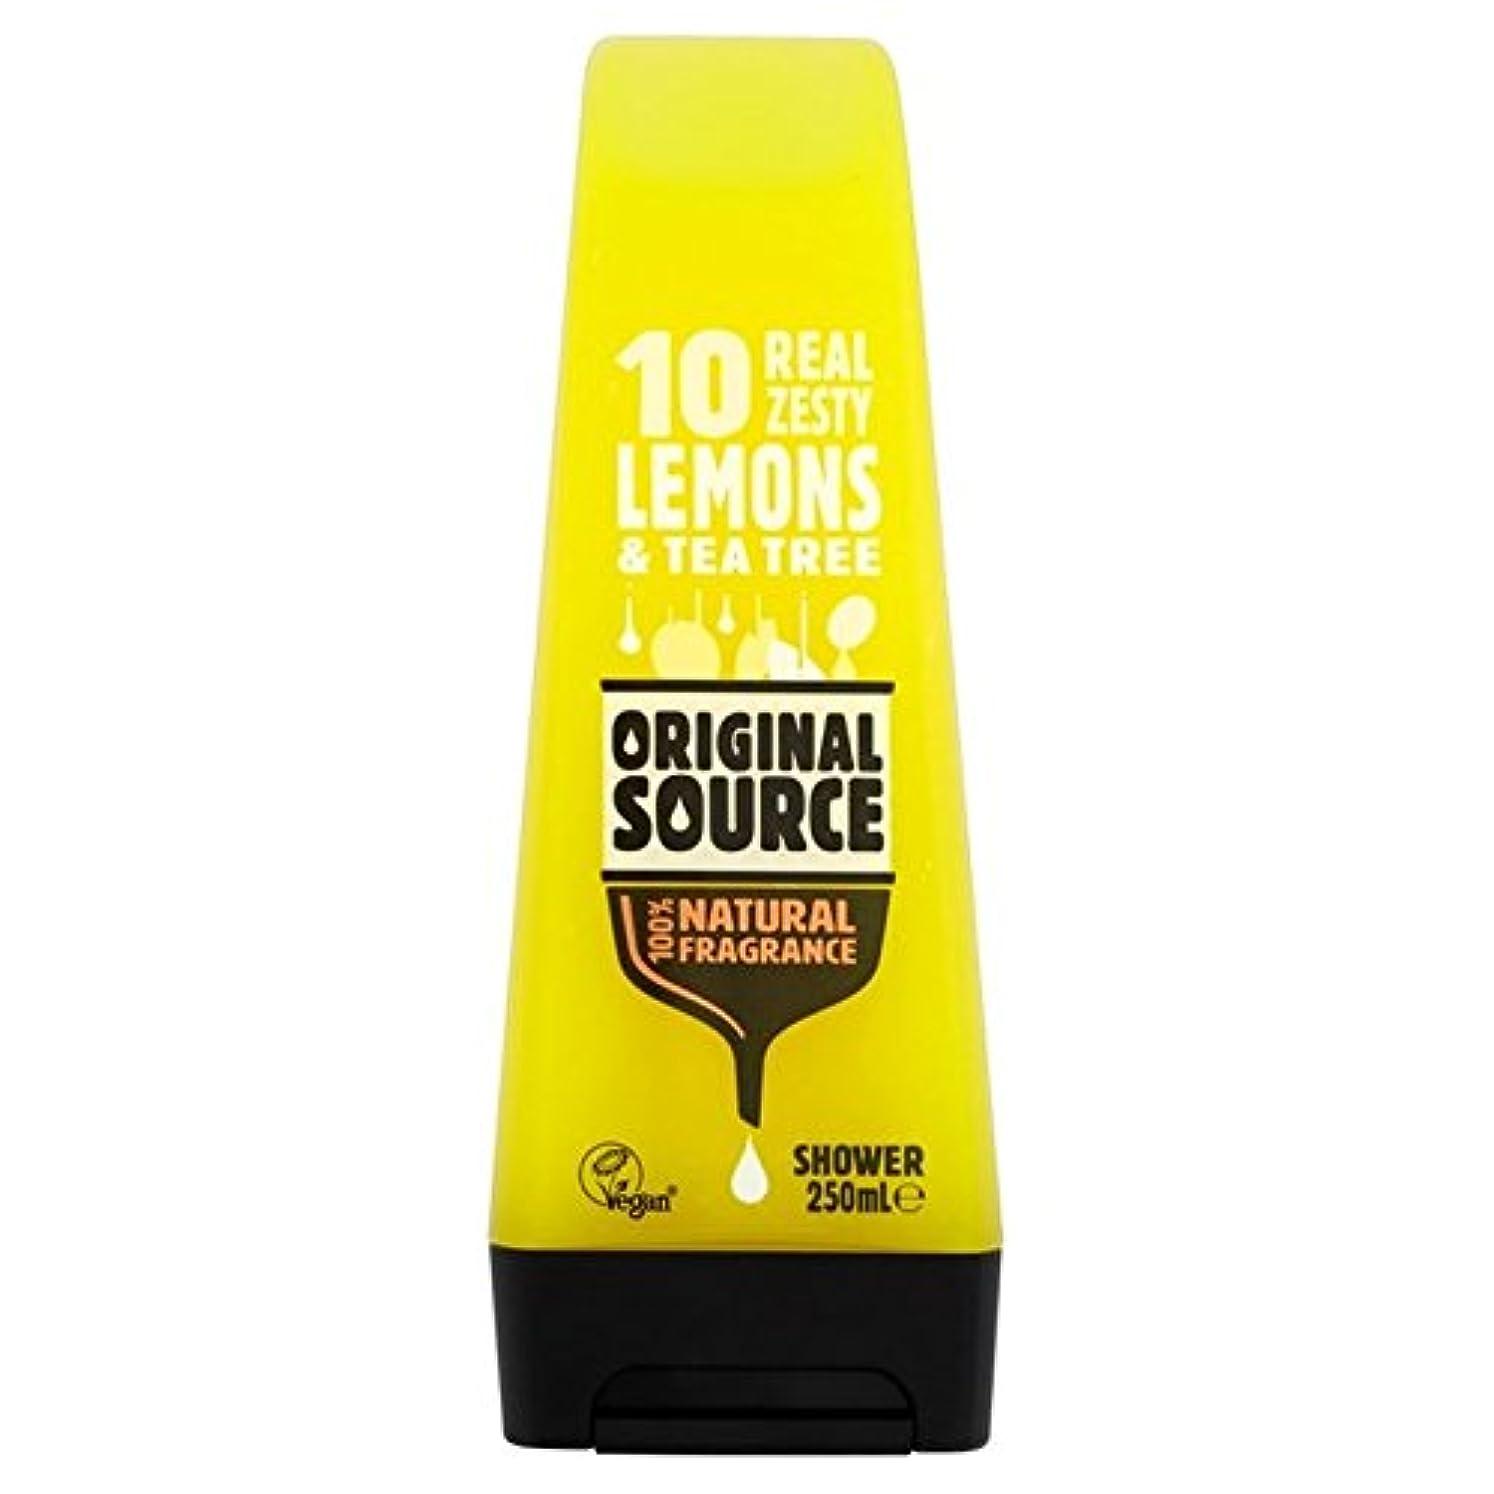 留め金排除フェザー元のソースのレモンシャワージェル250ミリリットル x4 - Original Source Lemon Shower Gel 250ml (Pack of 4) [並行輸入品]